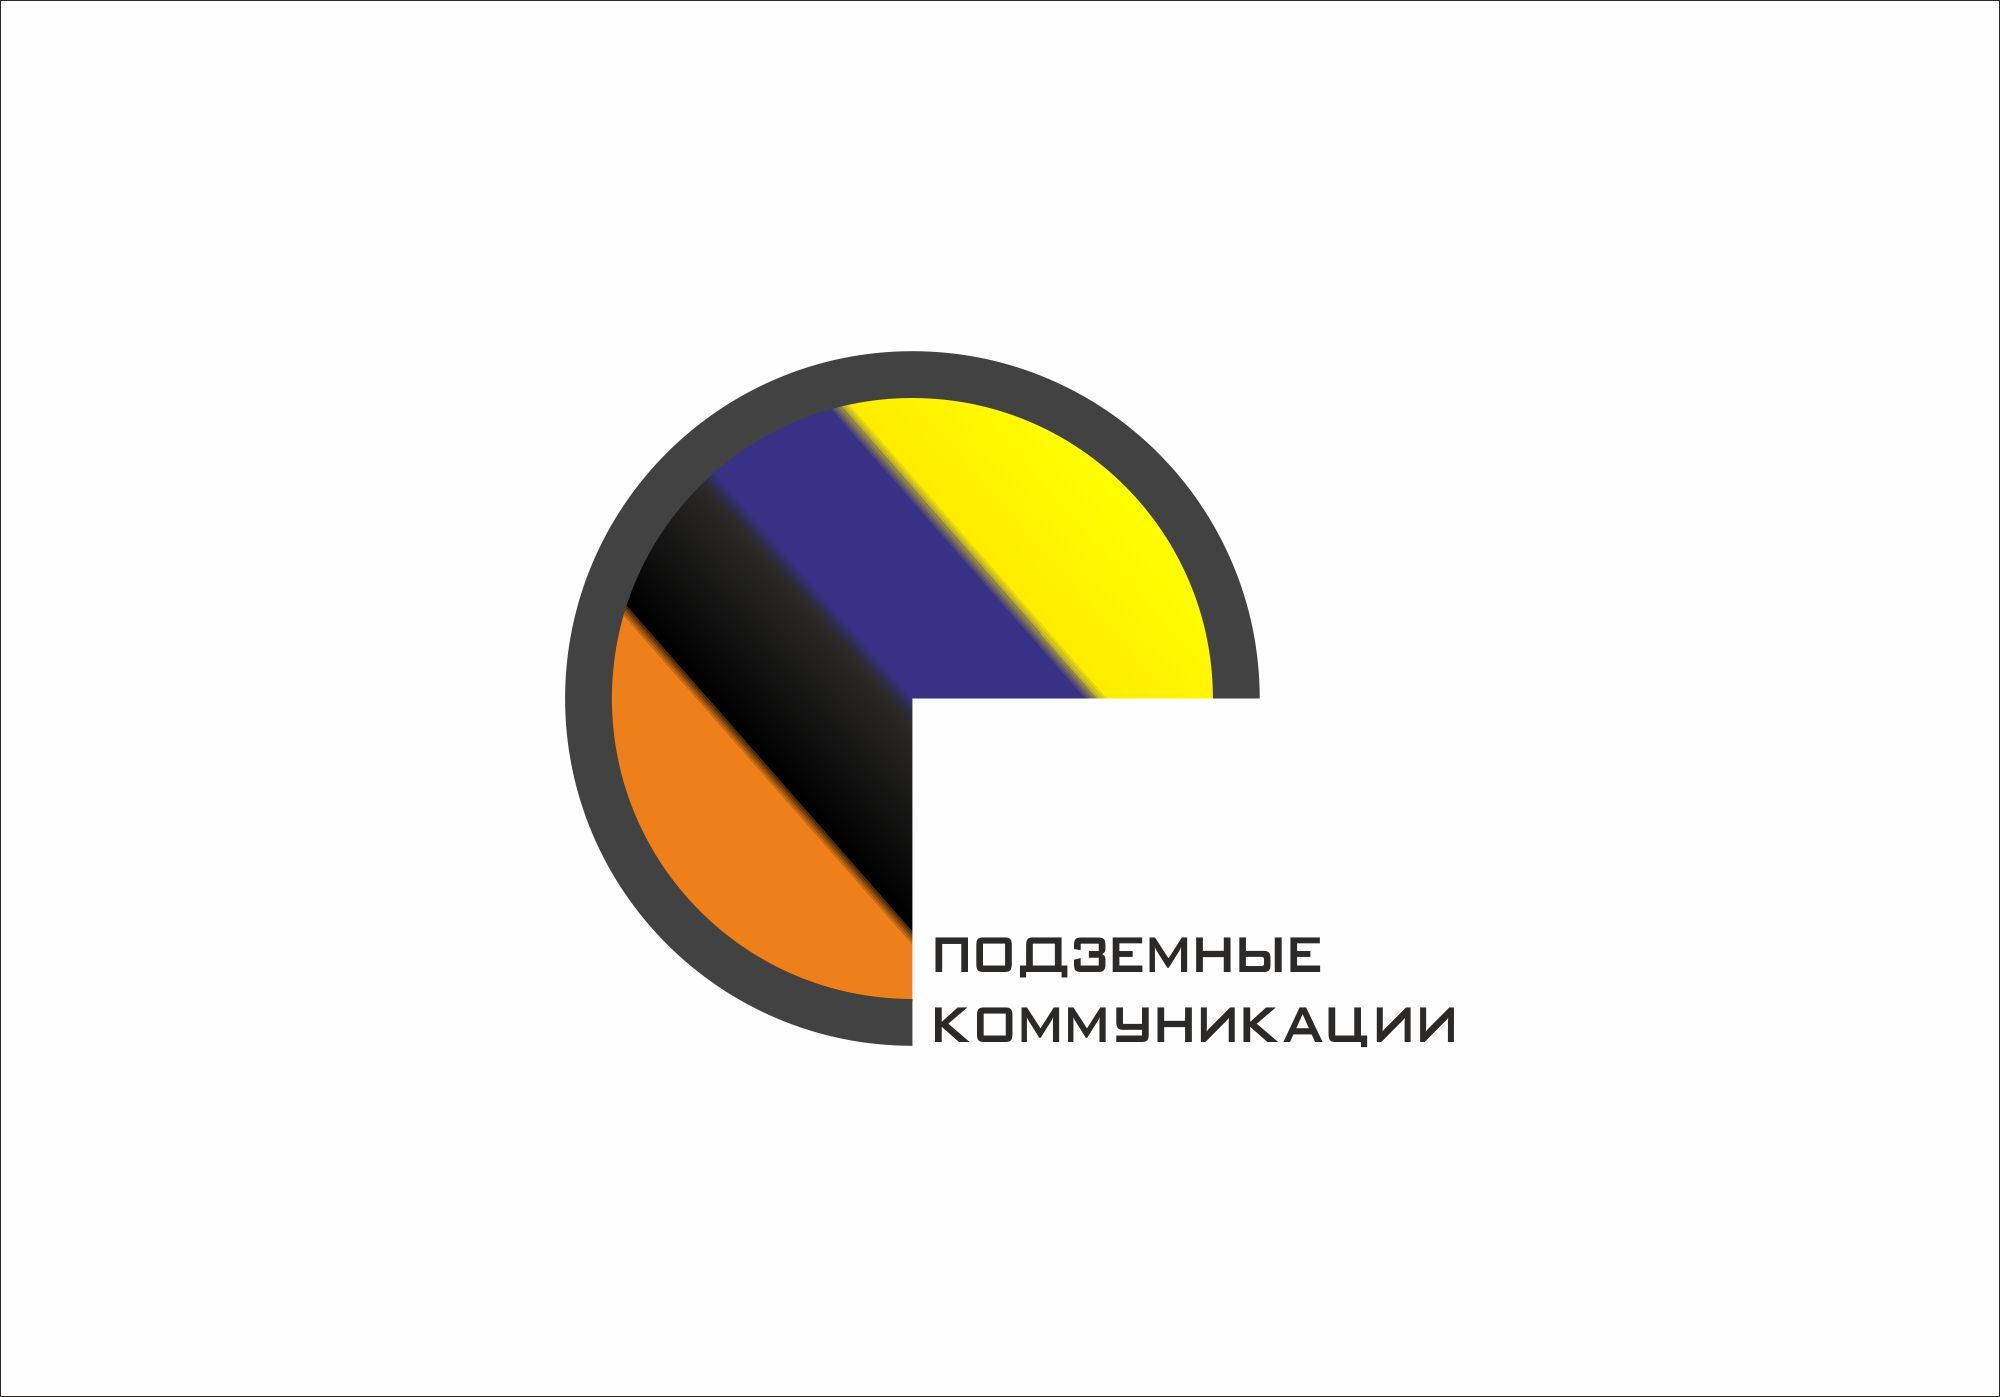 Лого и стиль компании